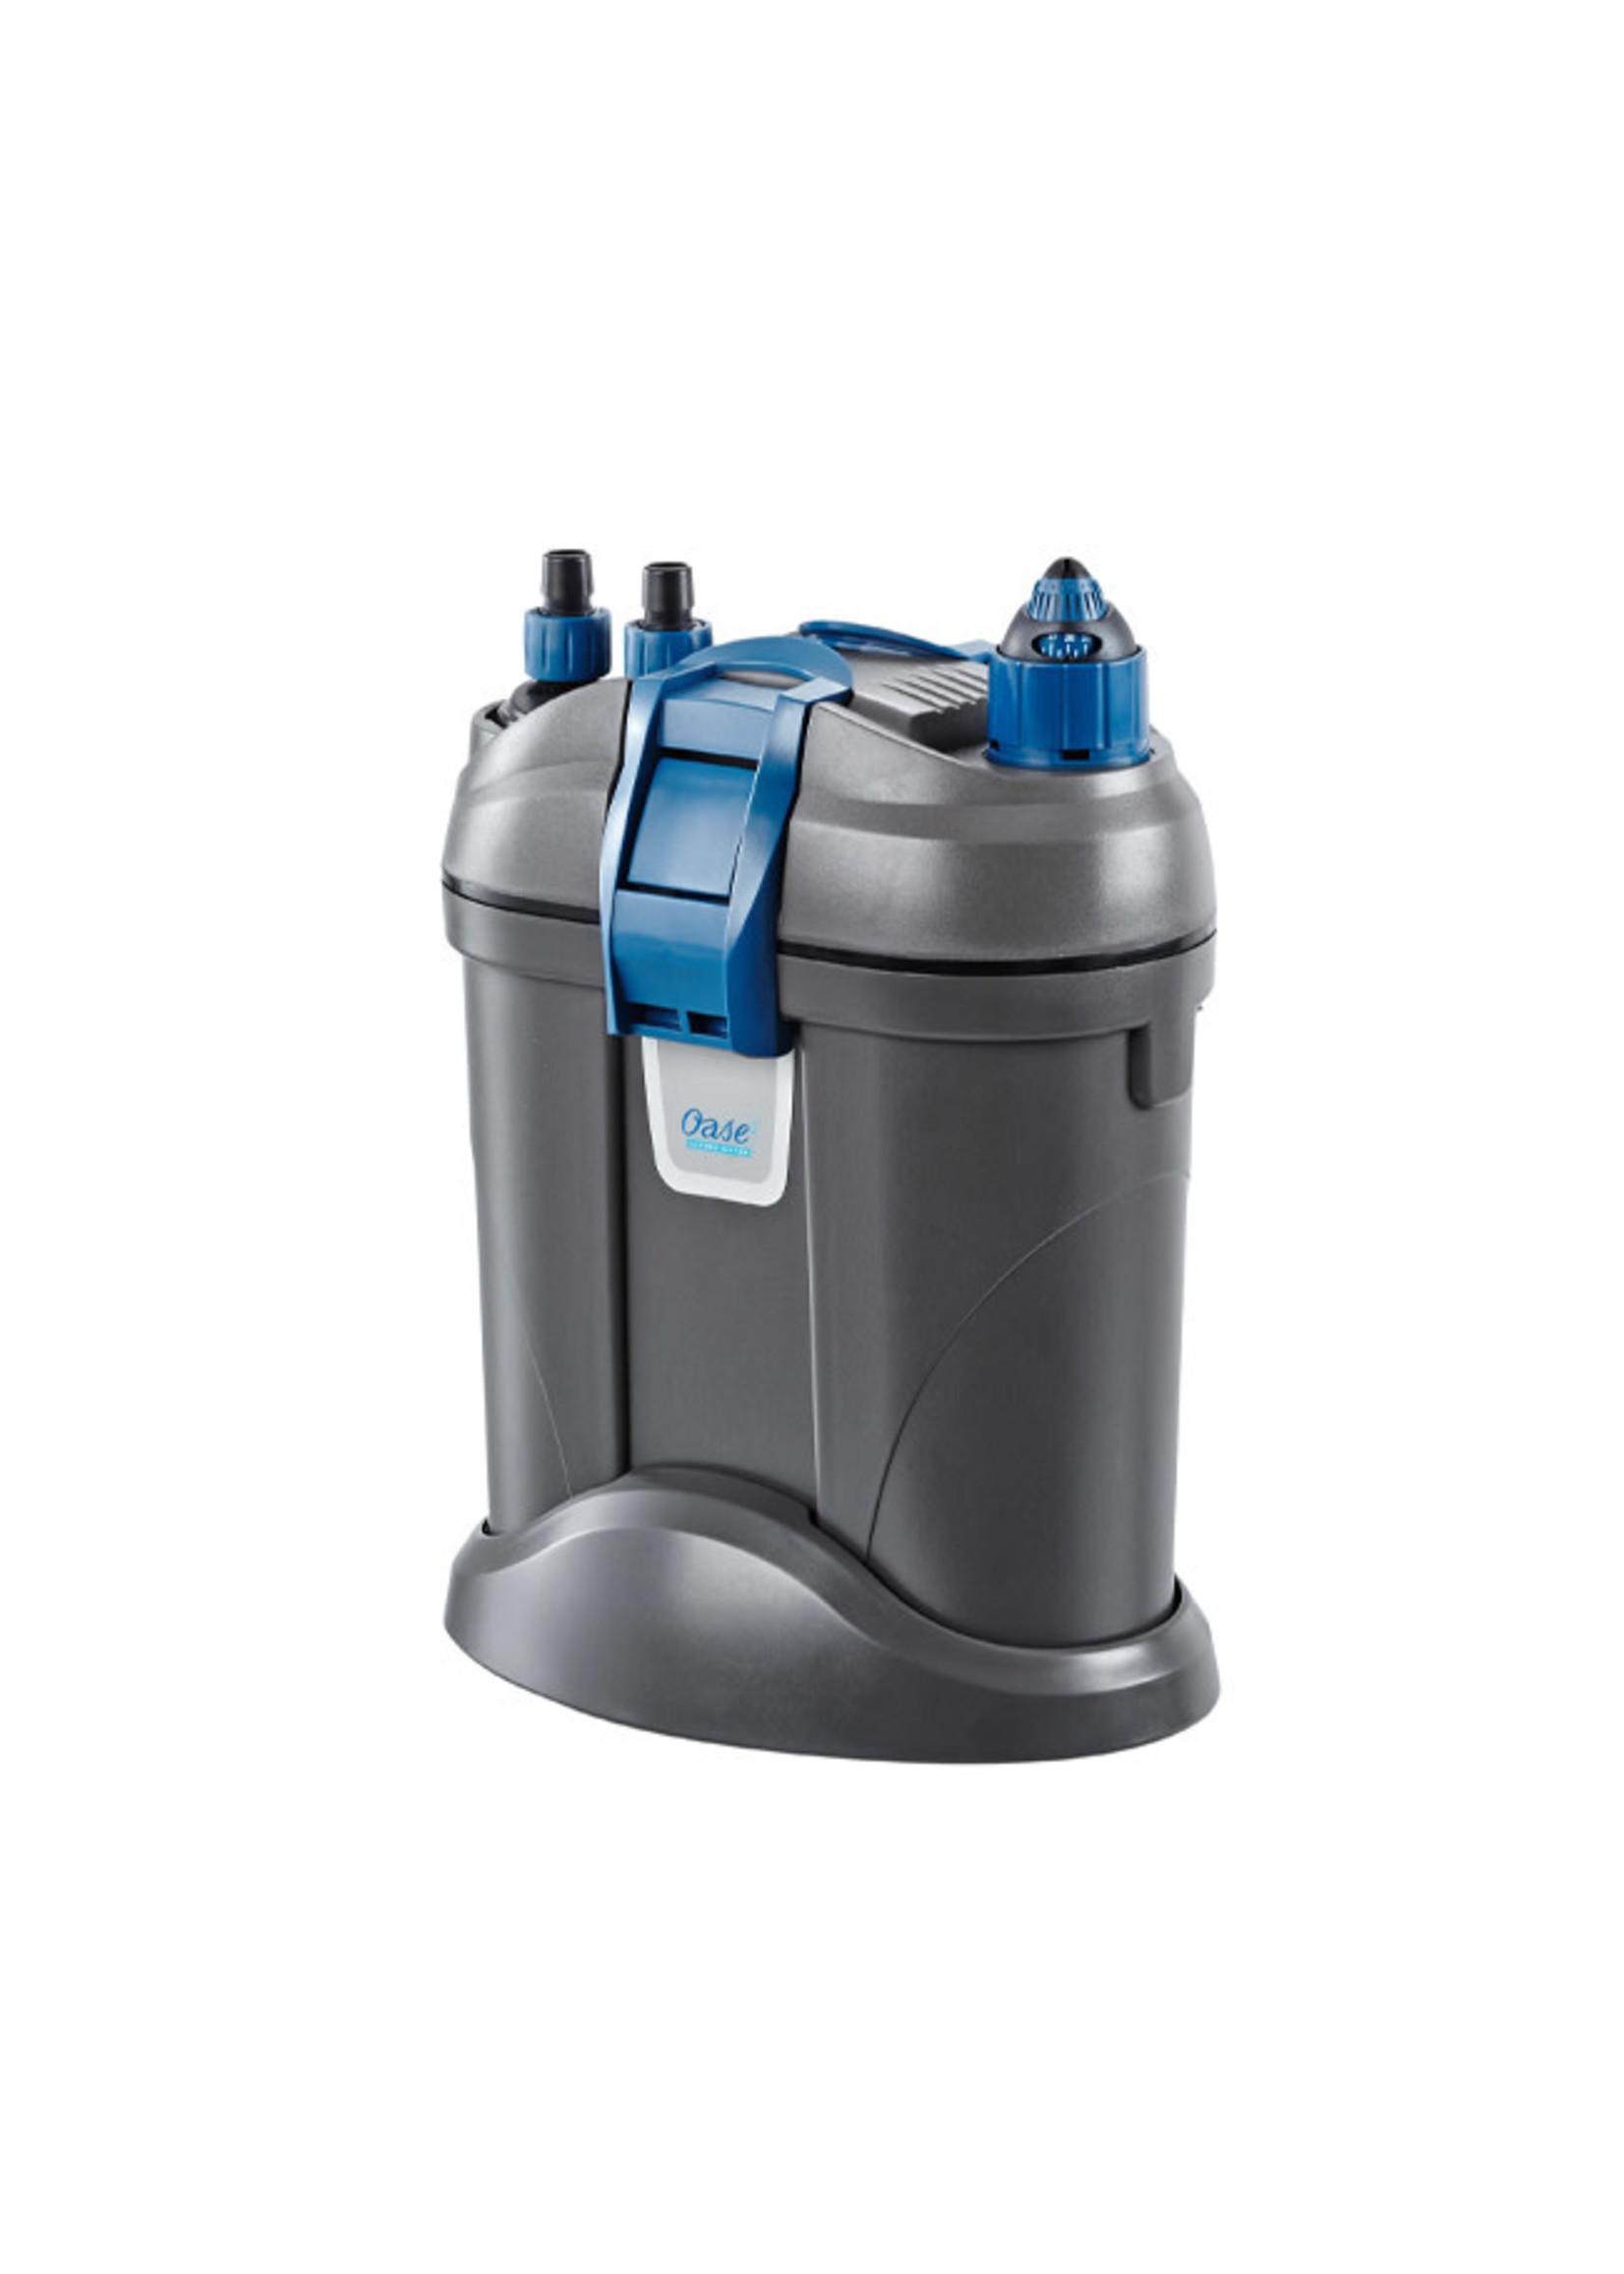 OASE OASE FiltoSmart Thermo 100 Filter